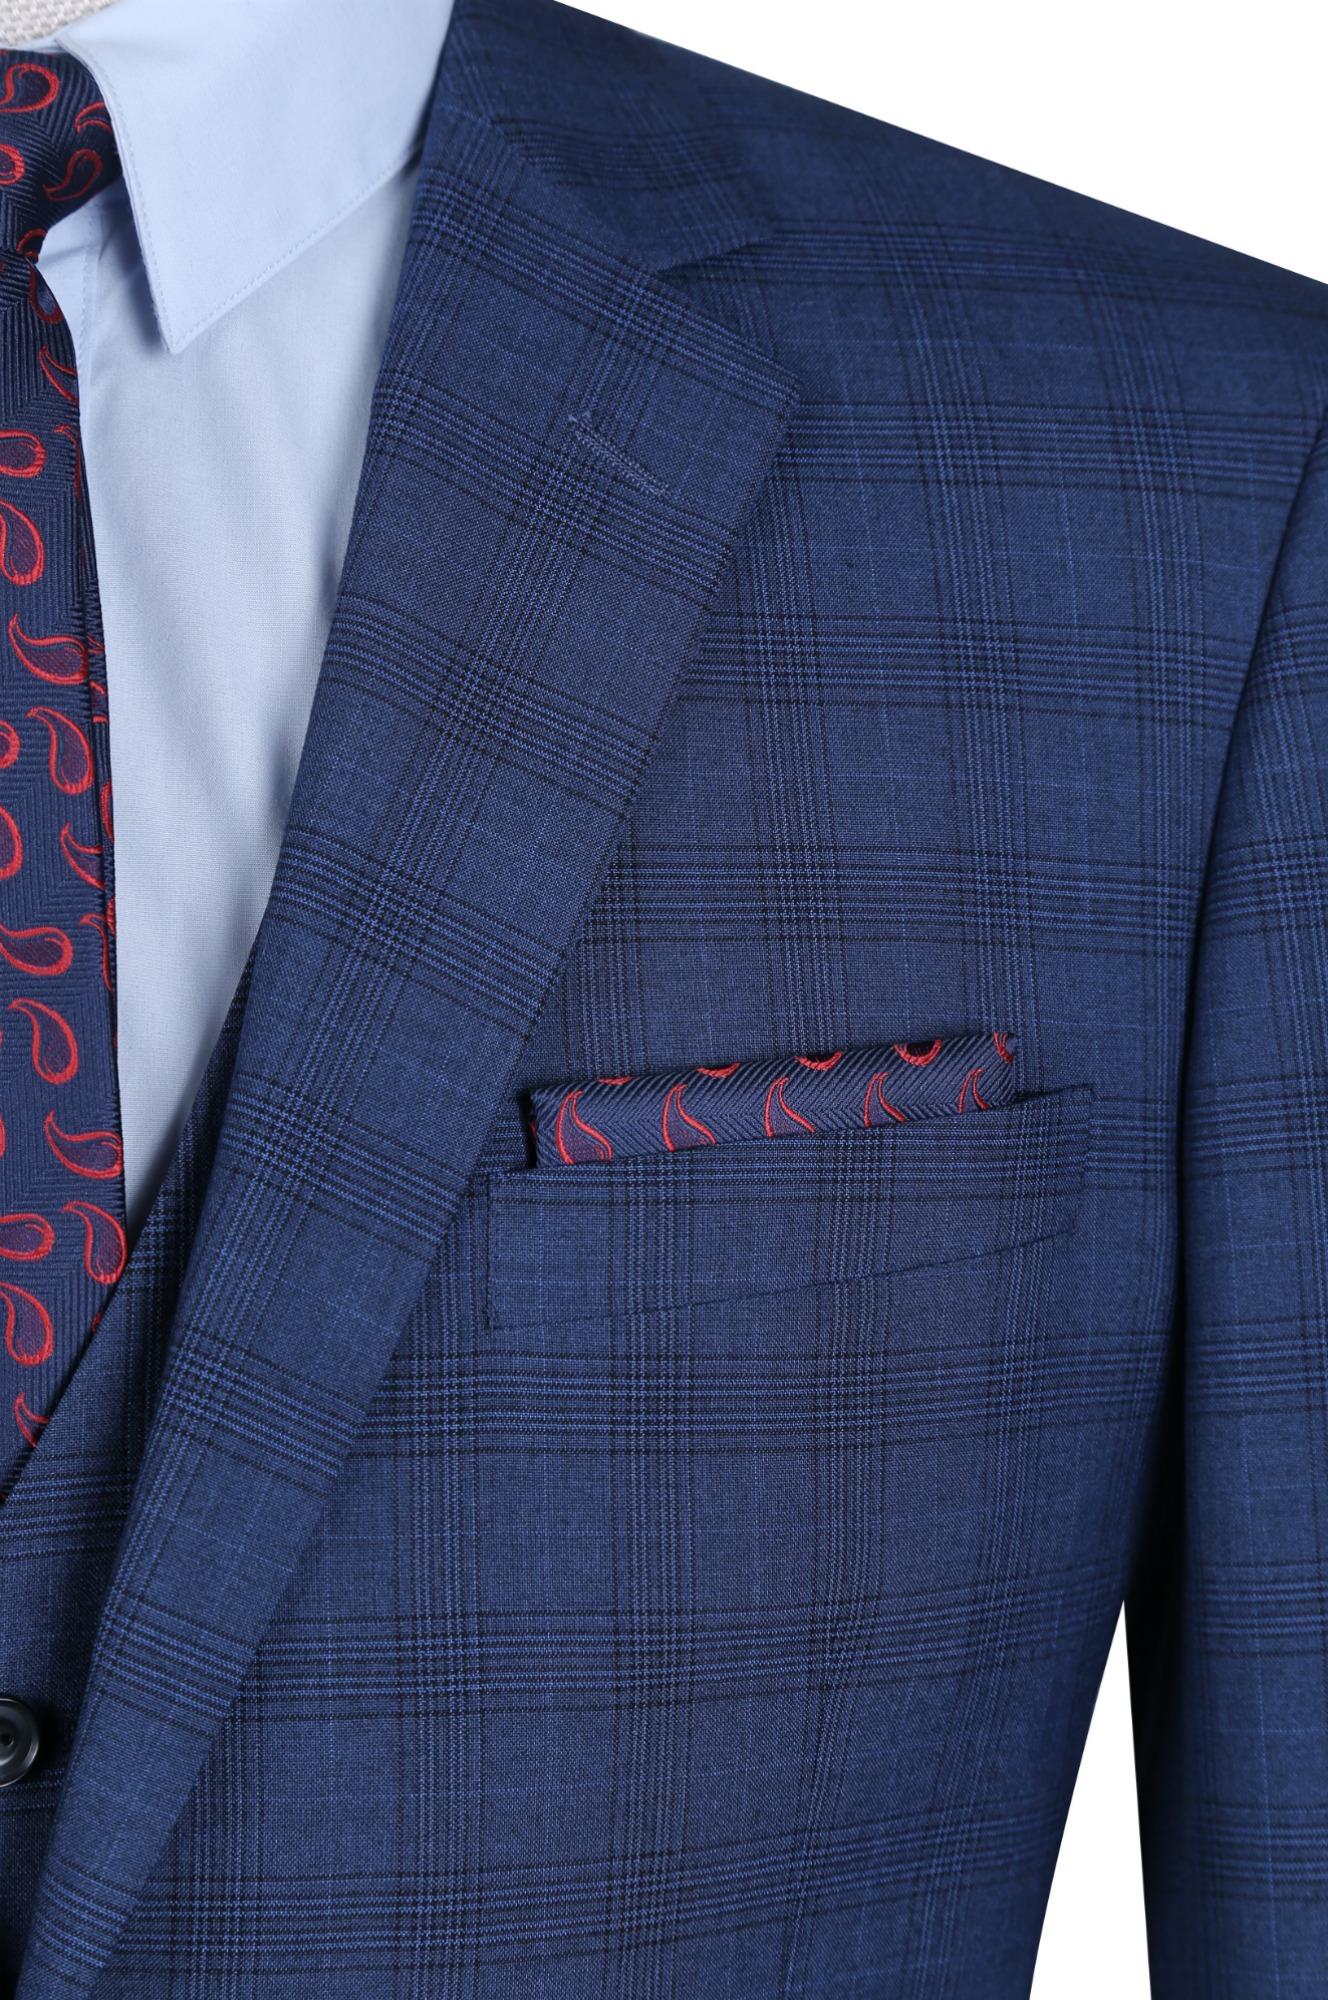 Navy Plaid Suit